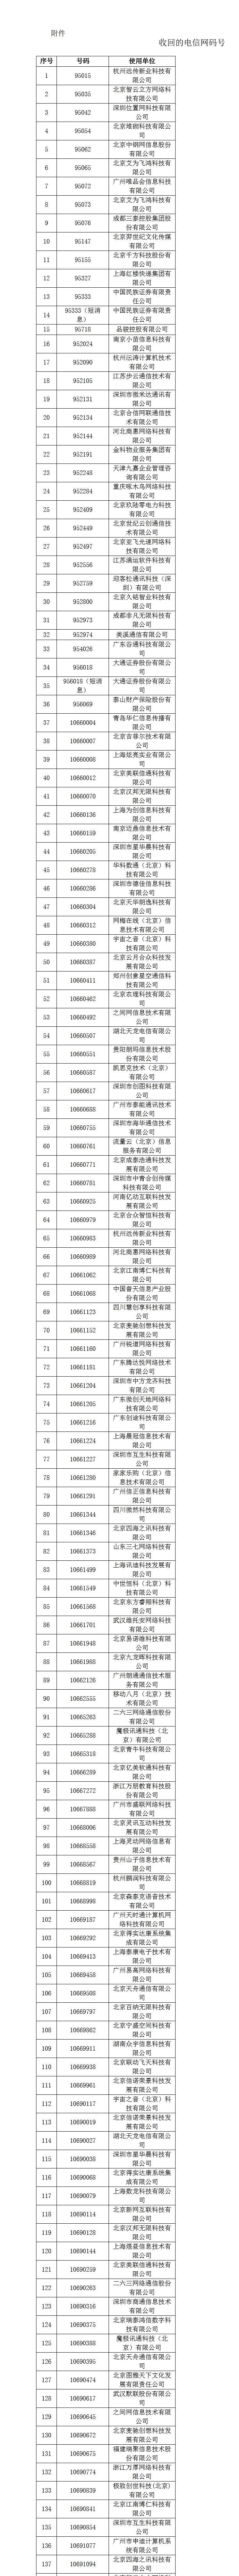 工信部发布通告称:收回186个电信网码号 涉二六三、朗玛信息等公司